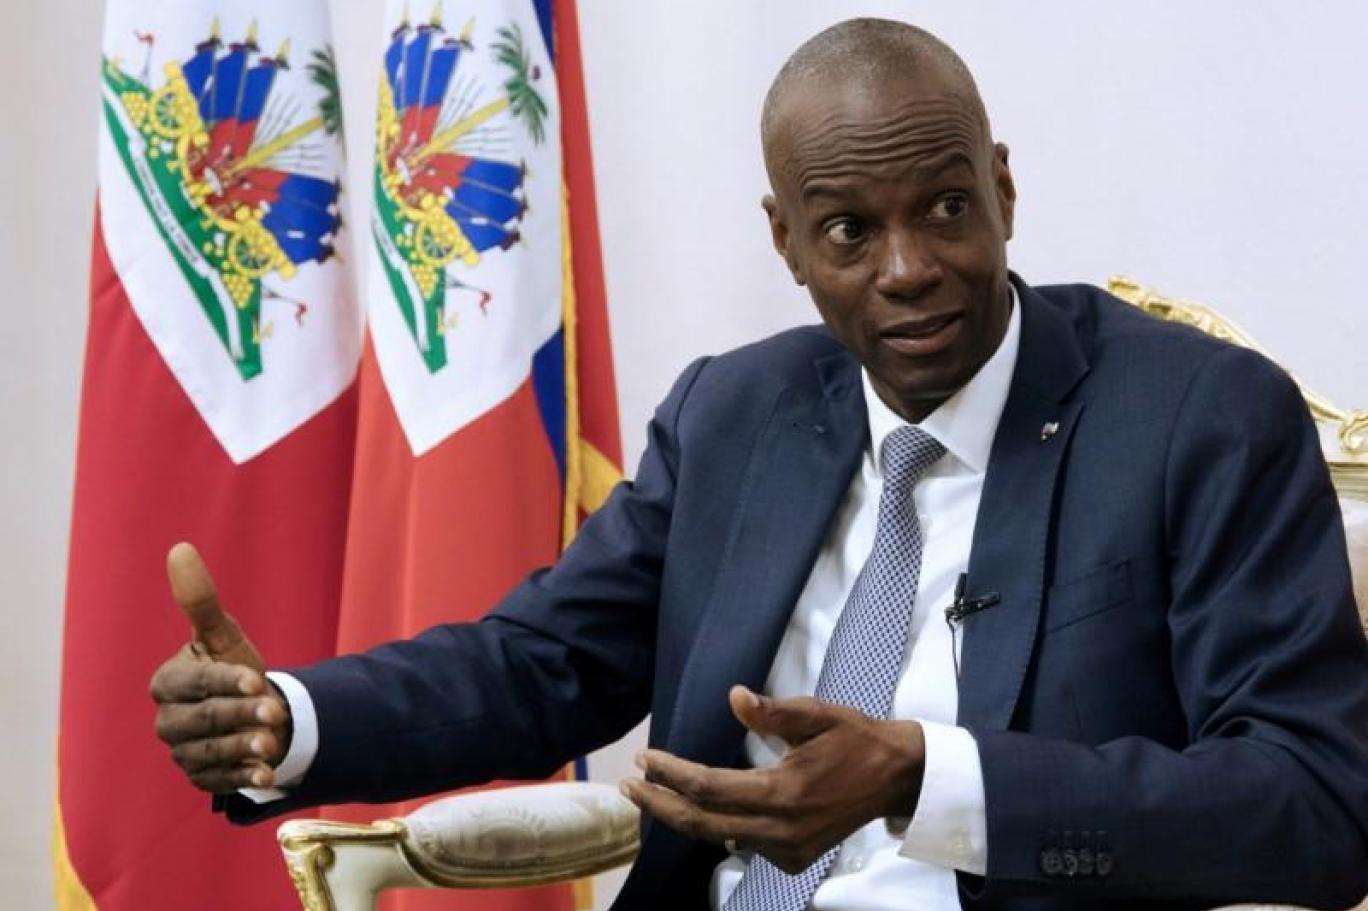 Haiti Devlet Başkanı Moise, uğradığı suikast sonucu hayatını kaybetti